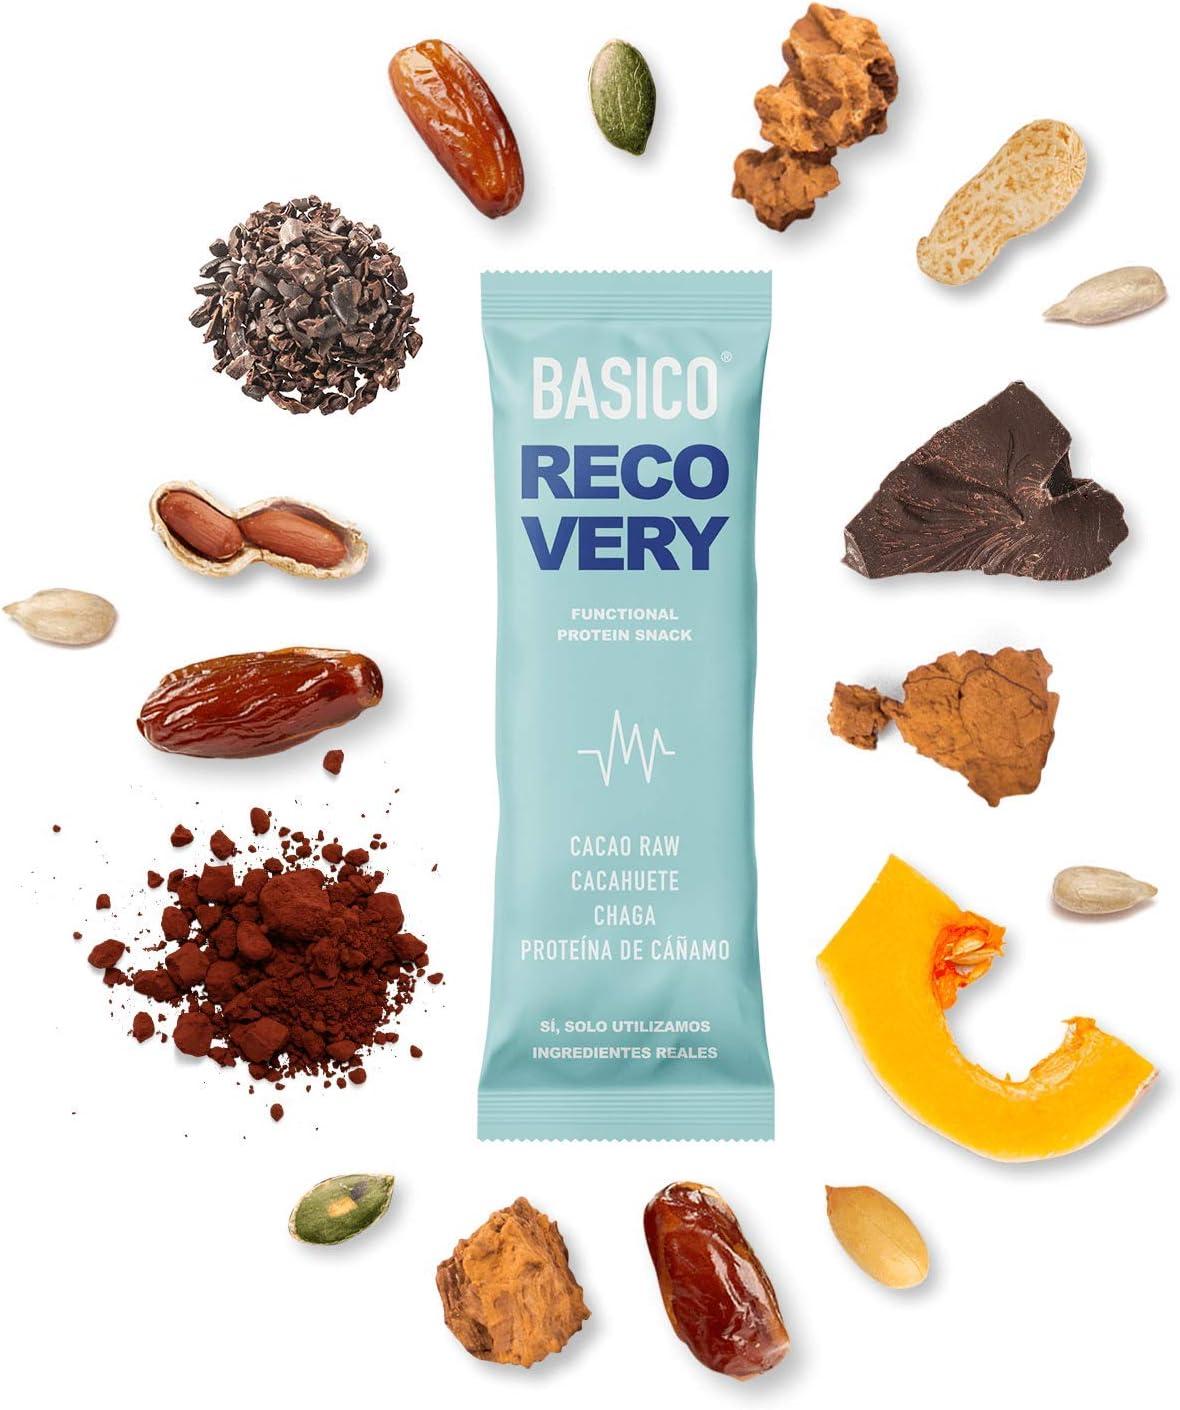 BARRITAS DE PROTEÍNA Basico Foods. Snack Energético De Real Food Para Deportistas. Naturales, Ecológicas, Veganas, Sin Azúcar Añadido. Prueba Todas ...